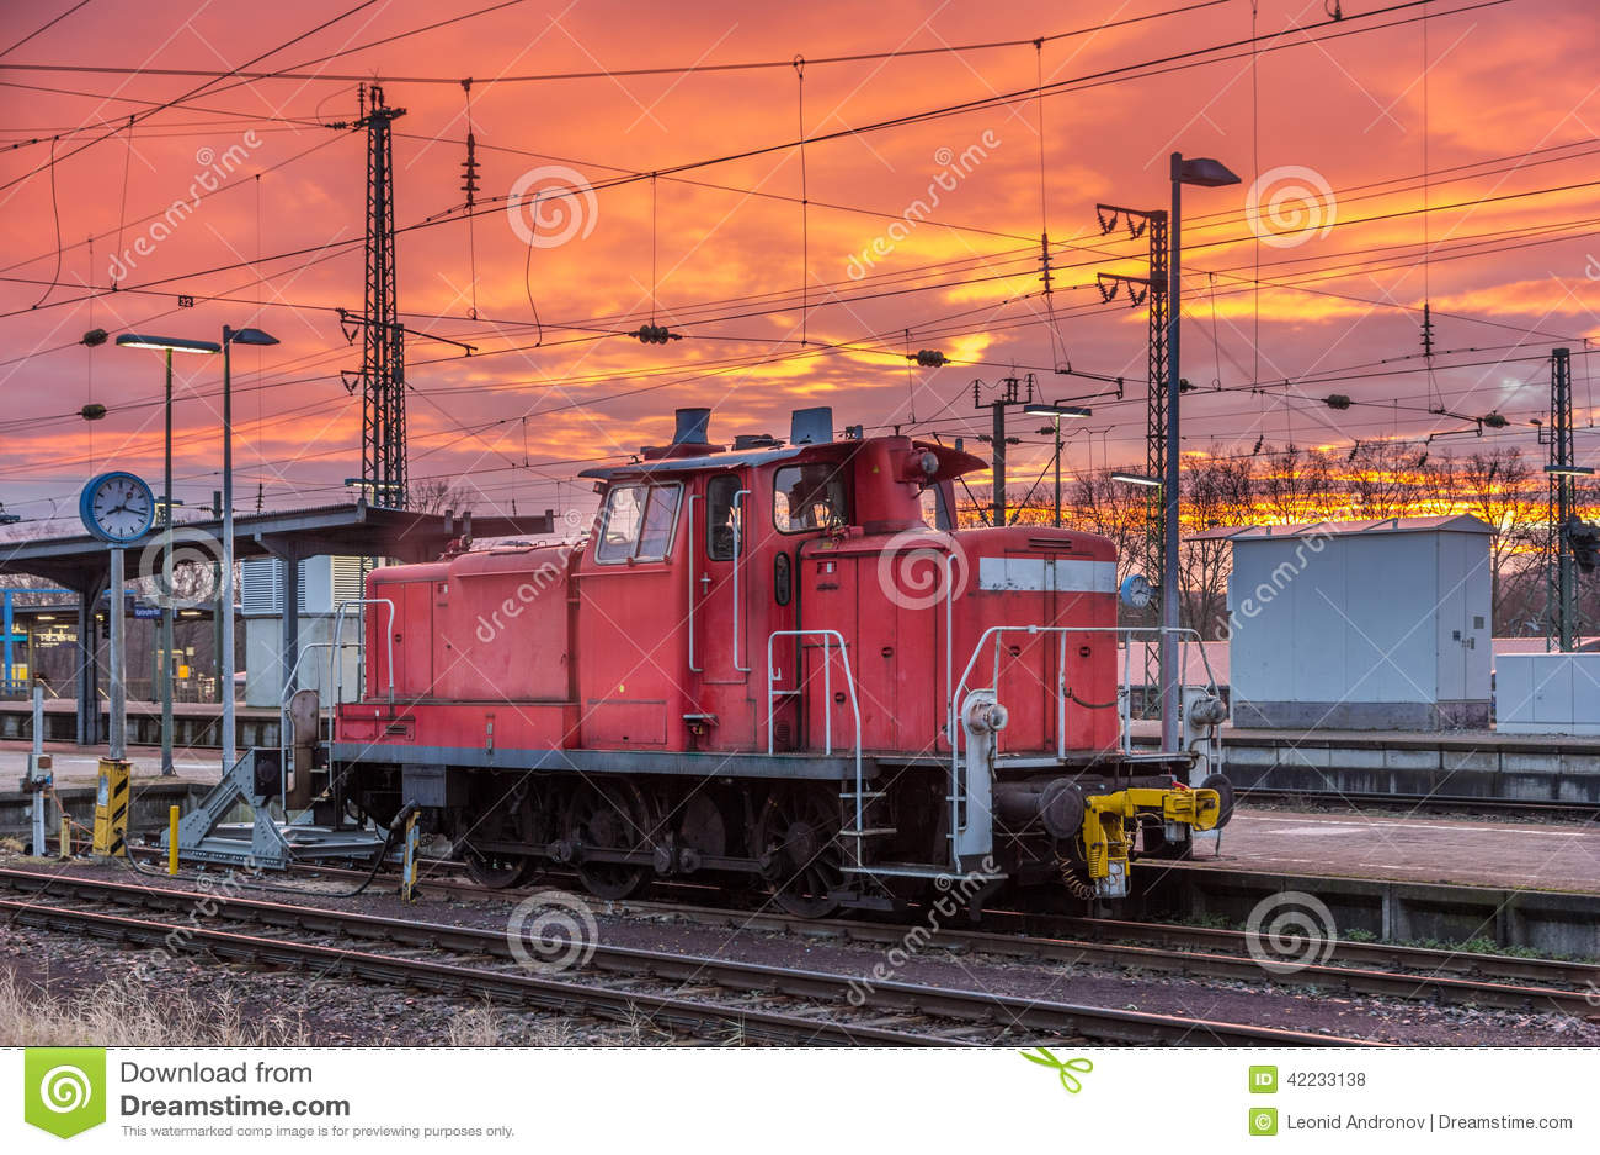 A shunter at Karlsruhe station - Germany